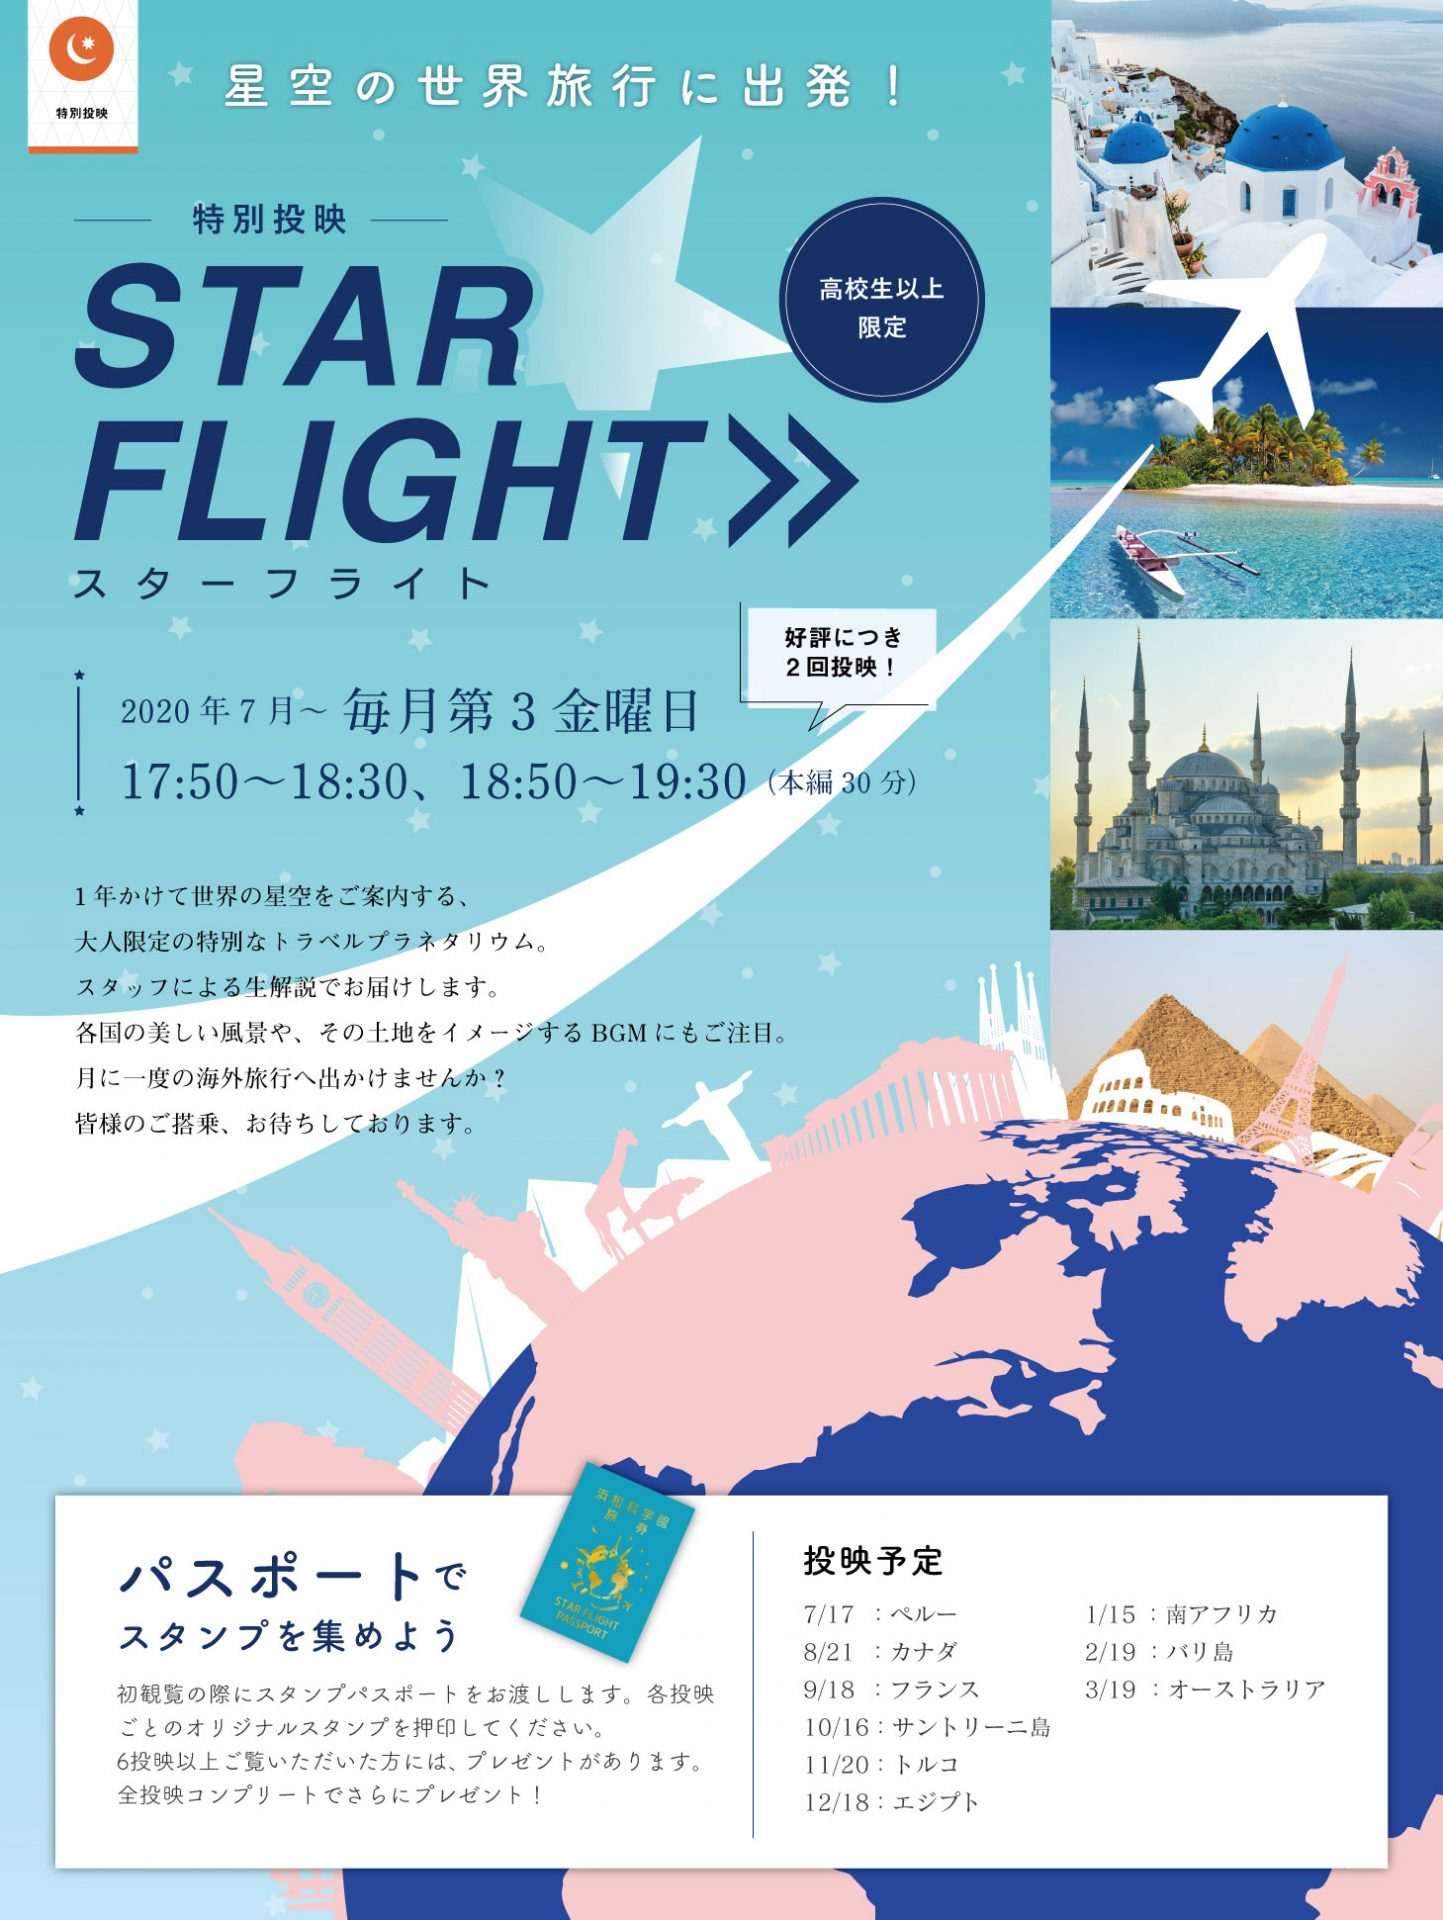 STAR FLIGHT